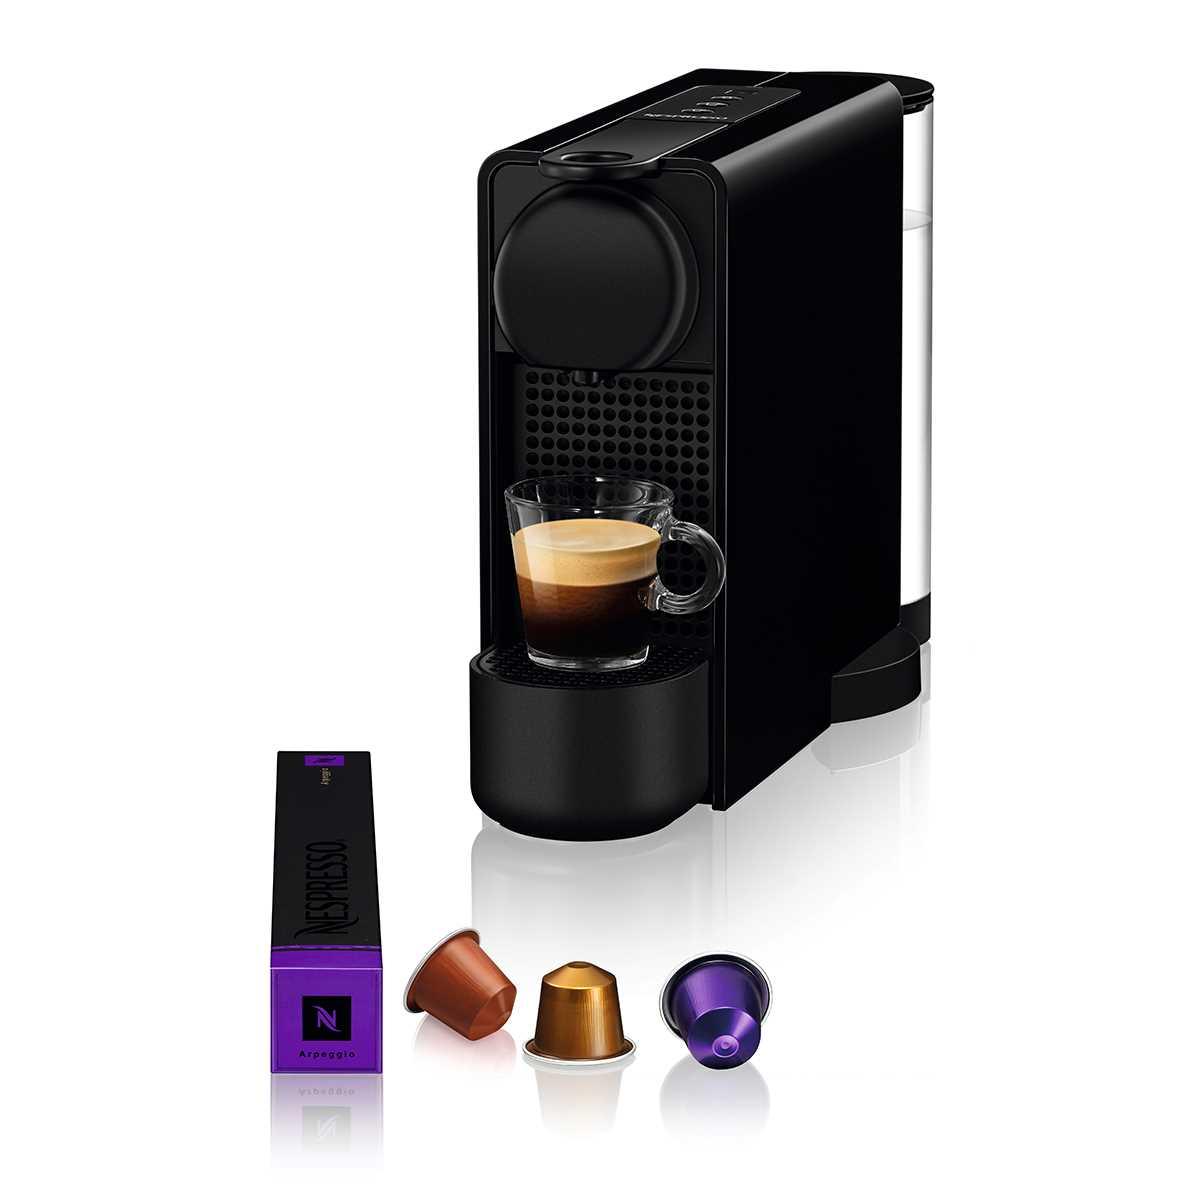 מכונת קפה NESPRESSO Essenza Plus C45 - צבע שחור - תמונה 1